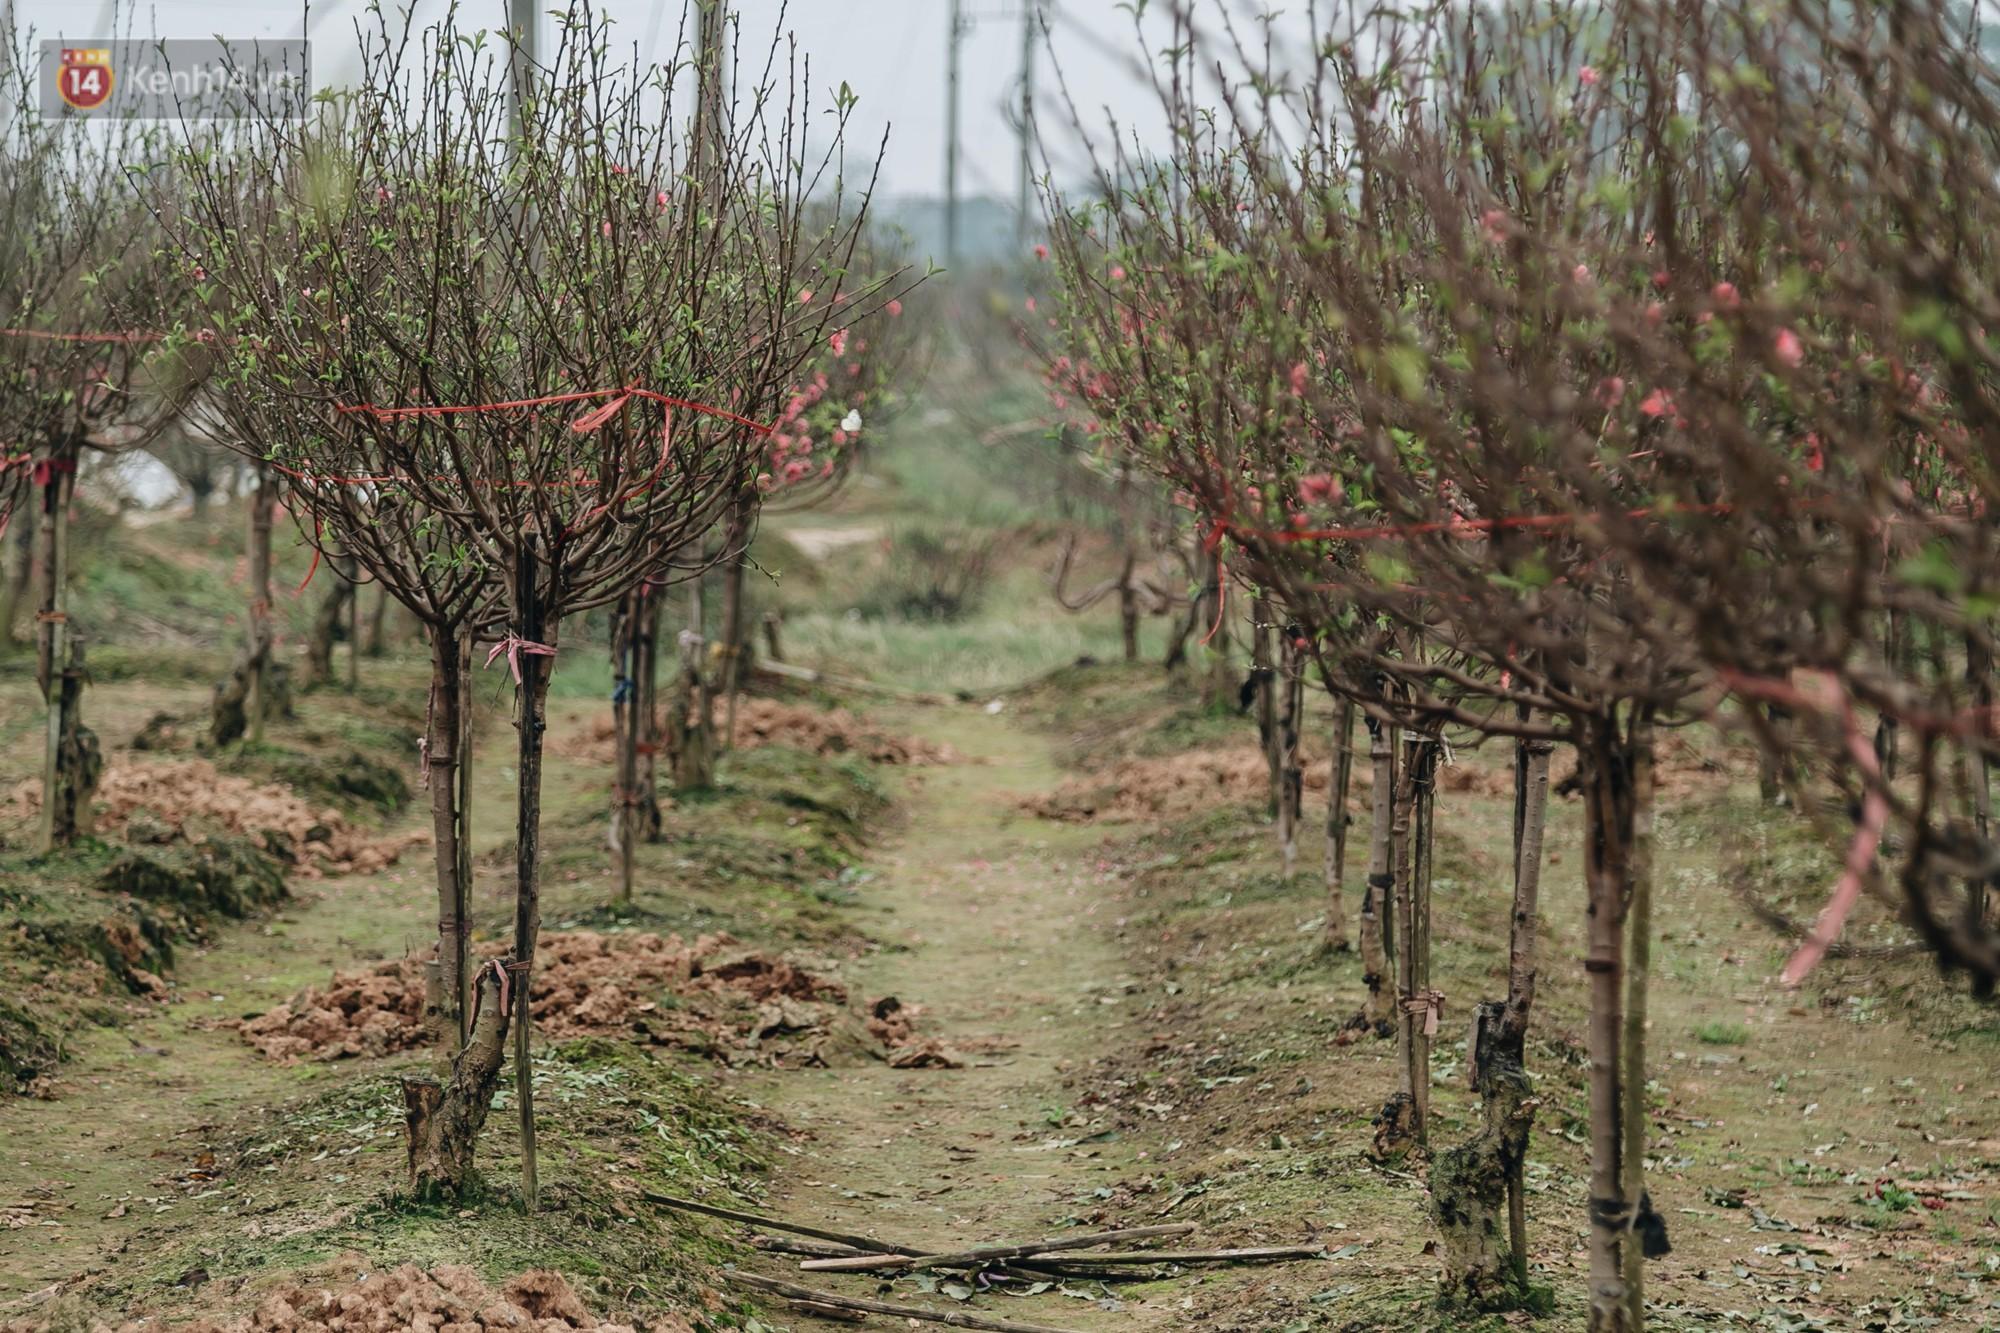 Gần 200 gốc đào của người dân Bắc Ninh bị chặt phá trong đêm: Tết năm nay còn chả có bánh chưng mà ăn - Ảnh 2.